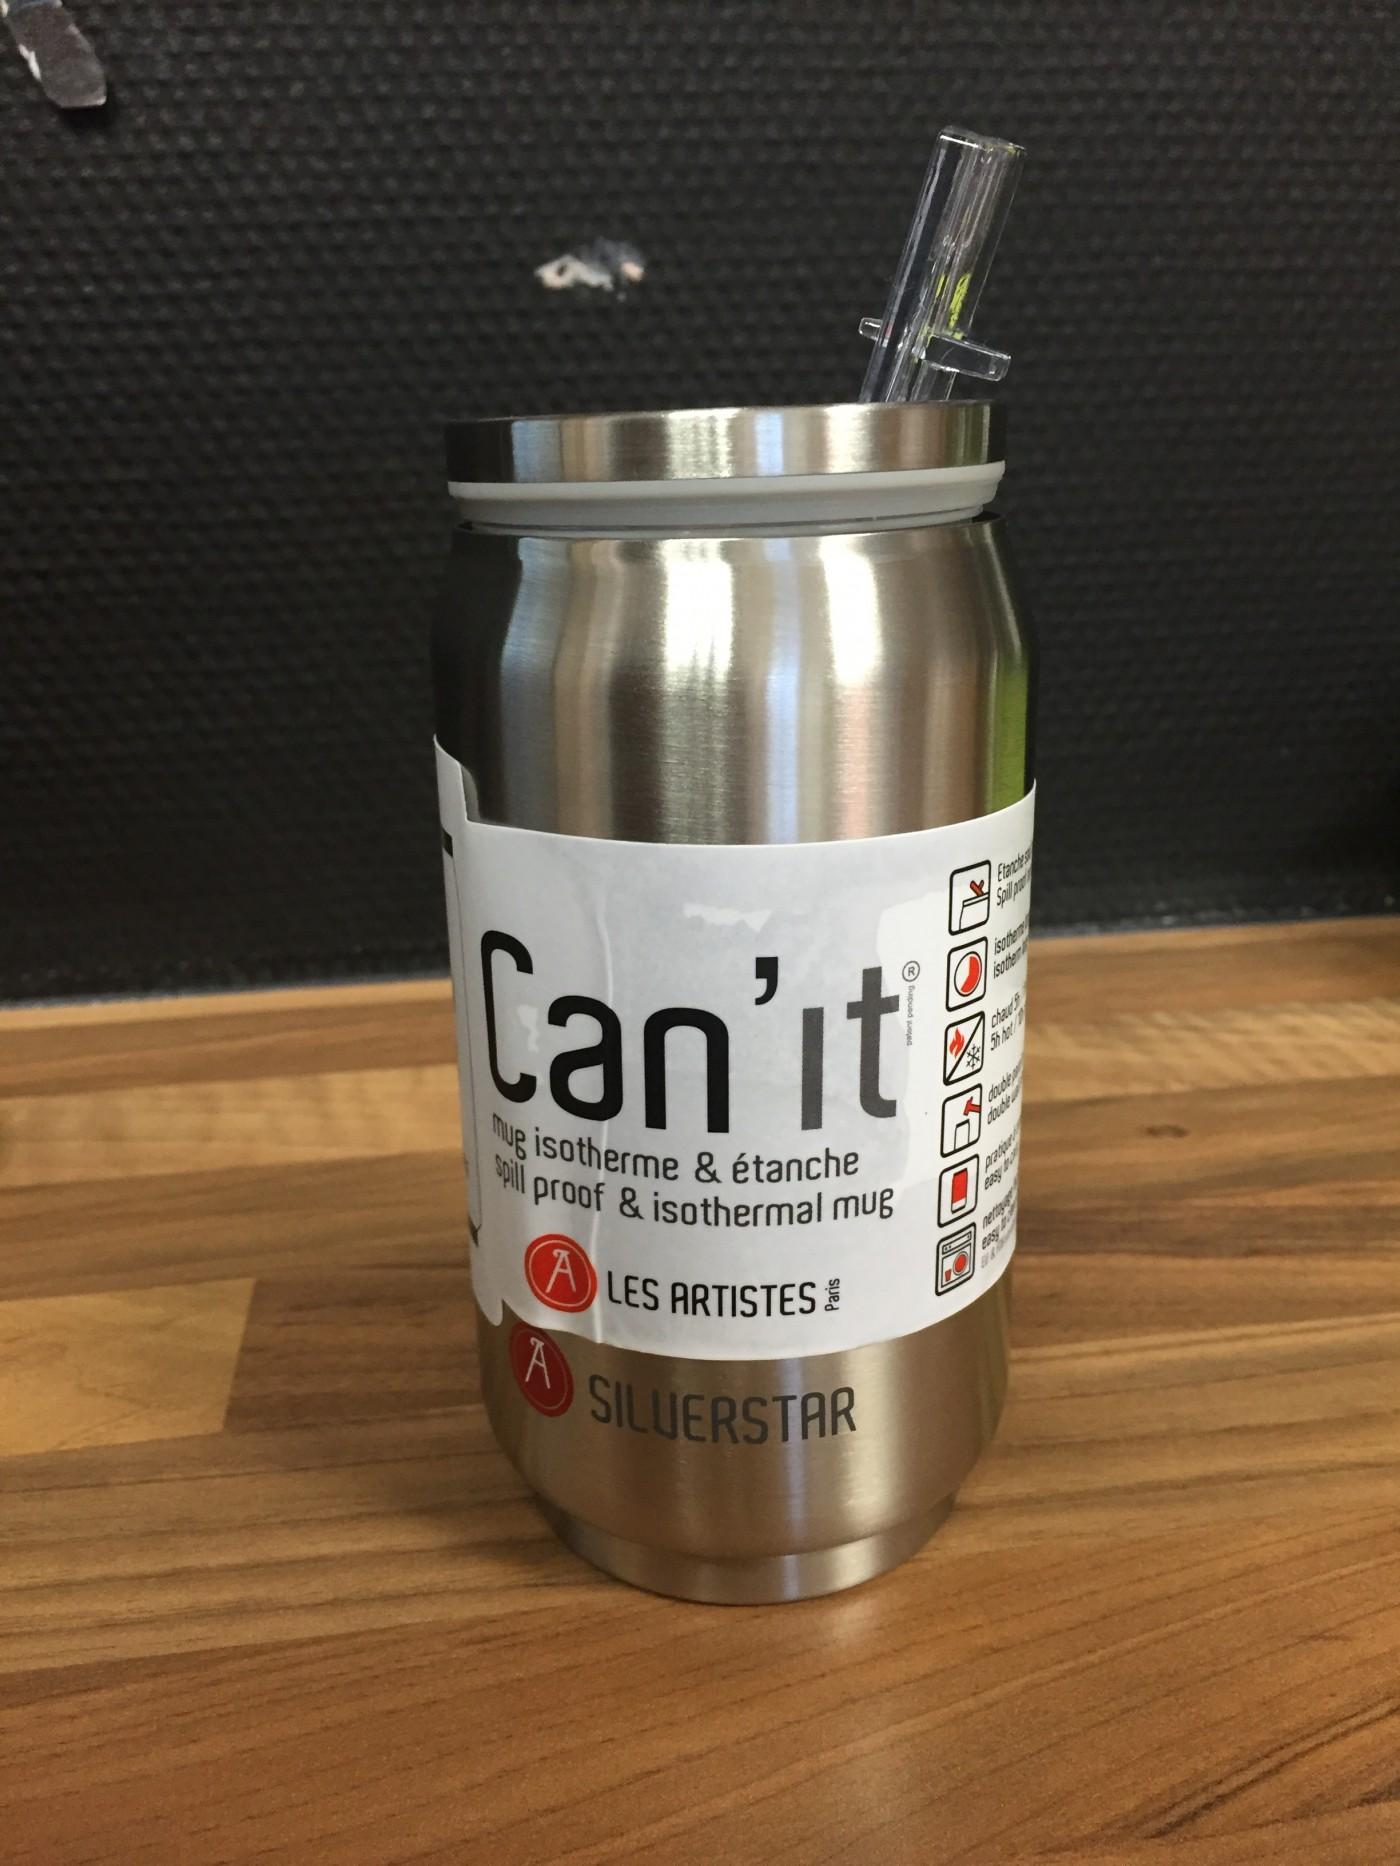 J'ai testé pour vous le mug isotherme & étanche Can'it 280ml